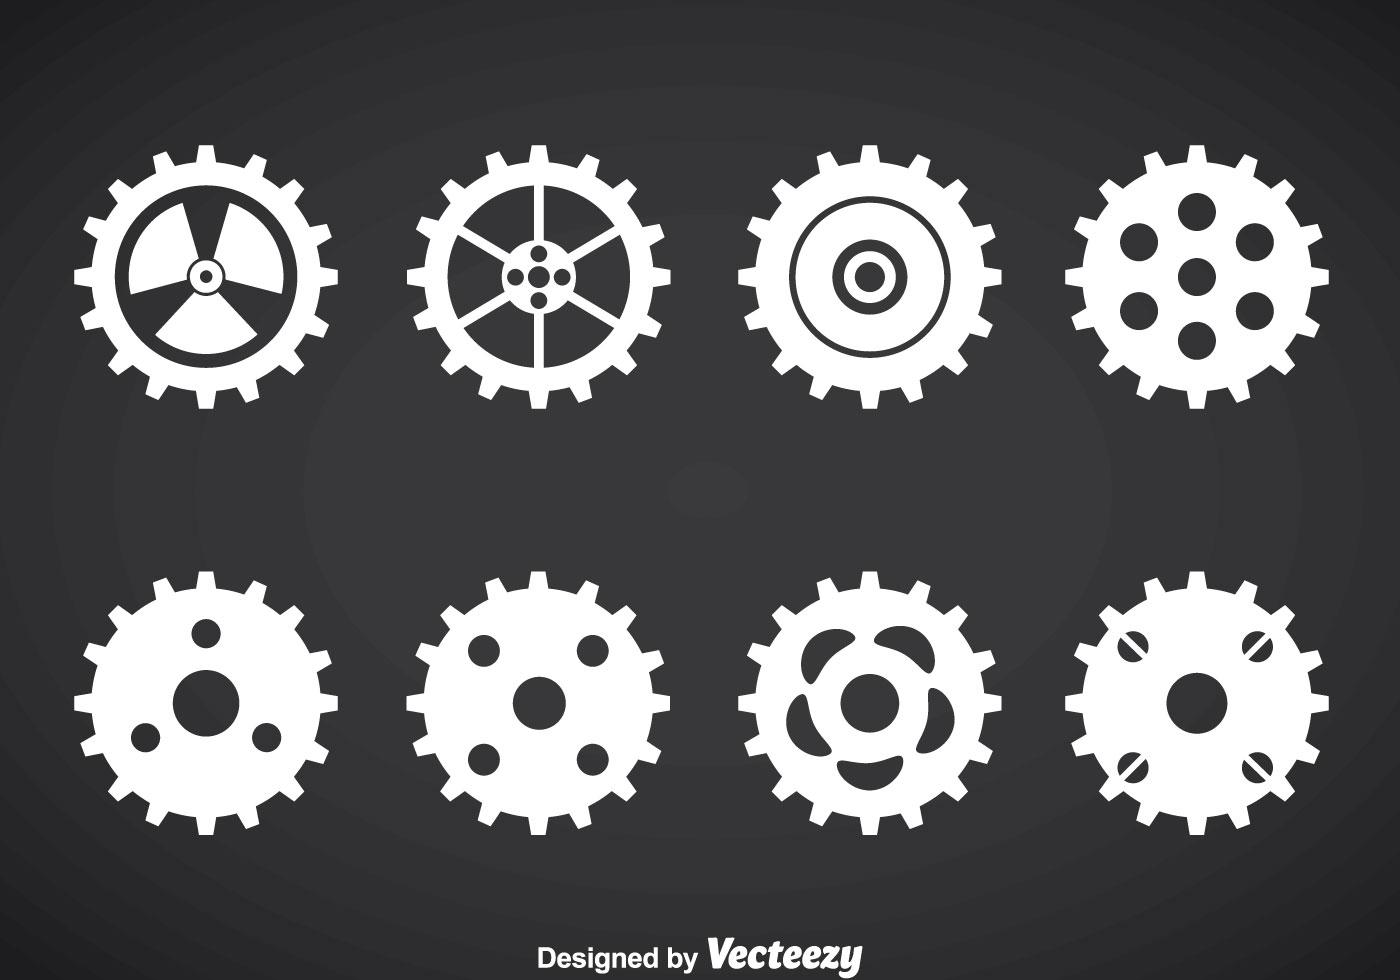 Clock Gears Vector Set - Download Free Vector Art, Stock Graphics & Images